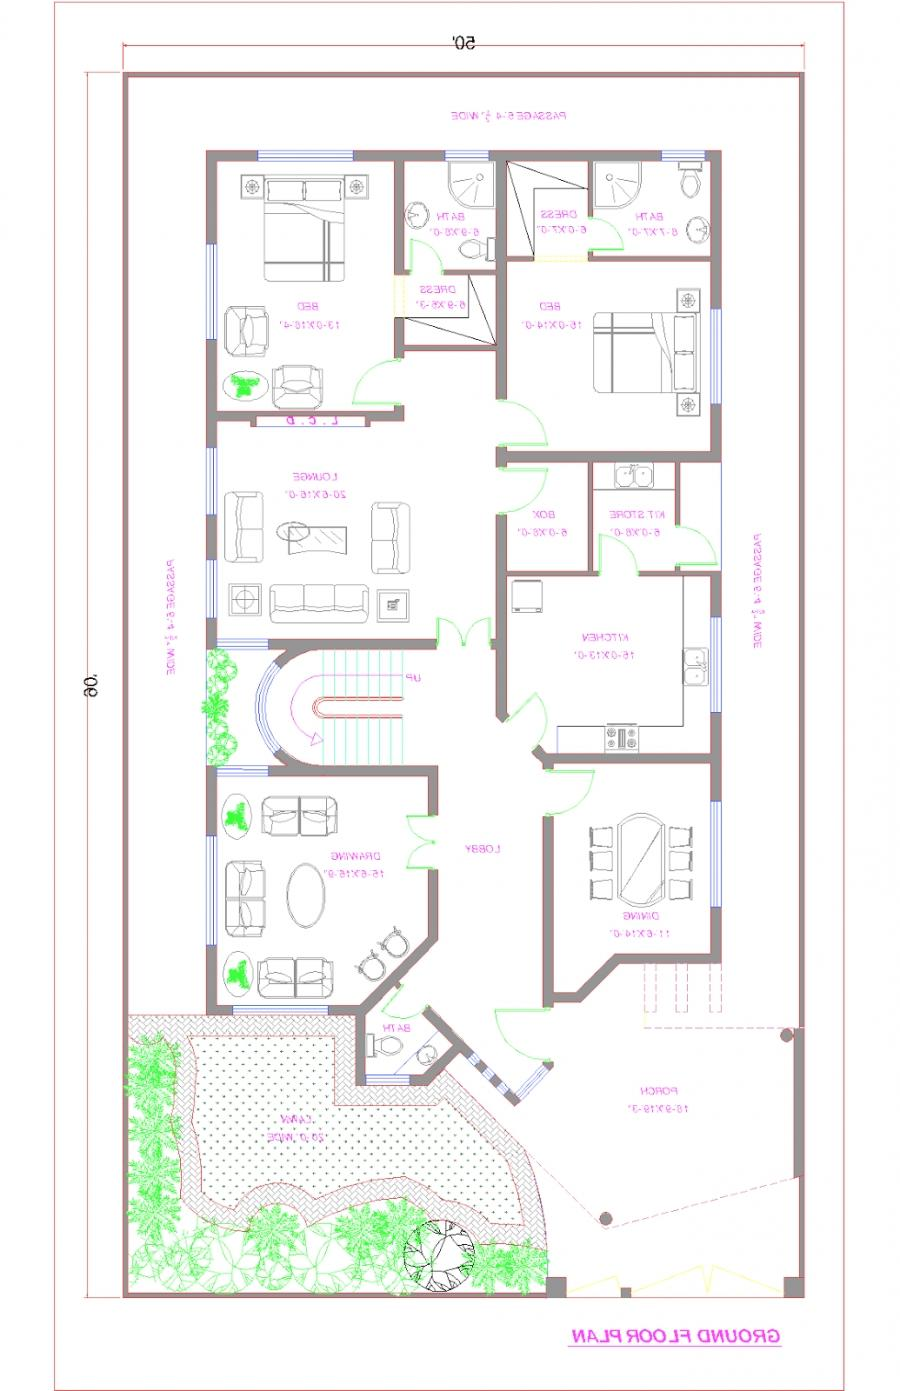 Pakistan house plans photos for Pakistan house designs floor plans